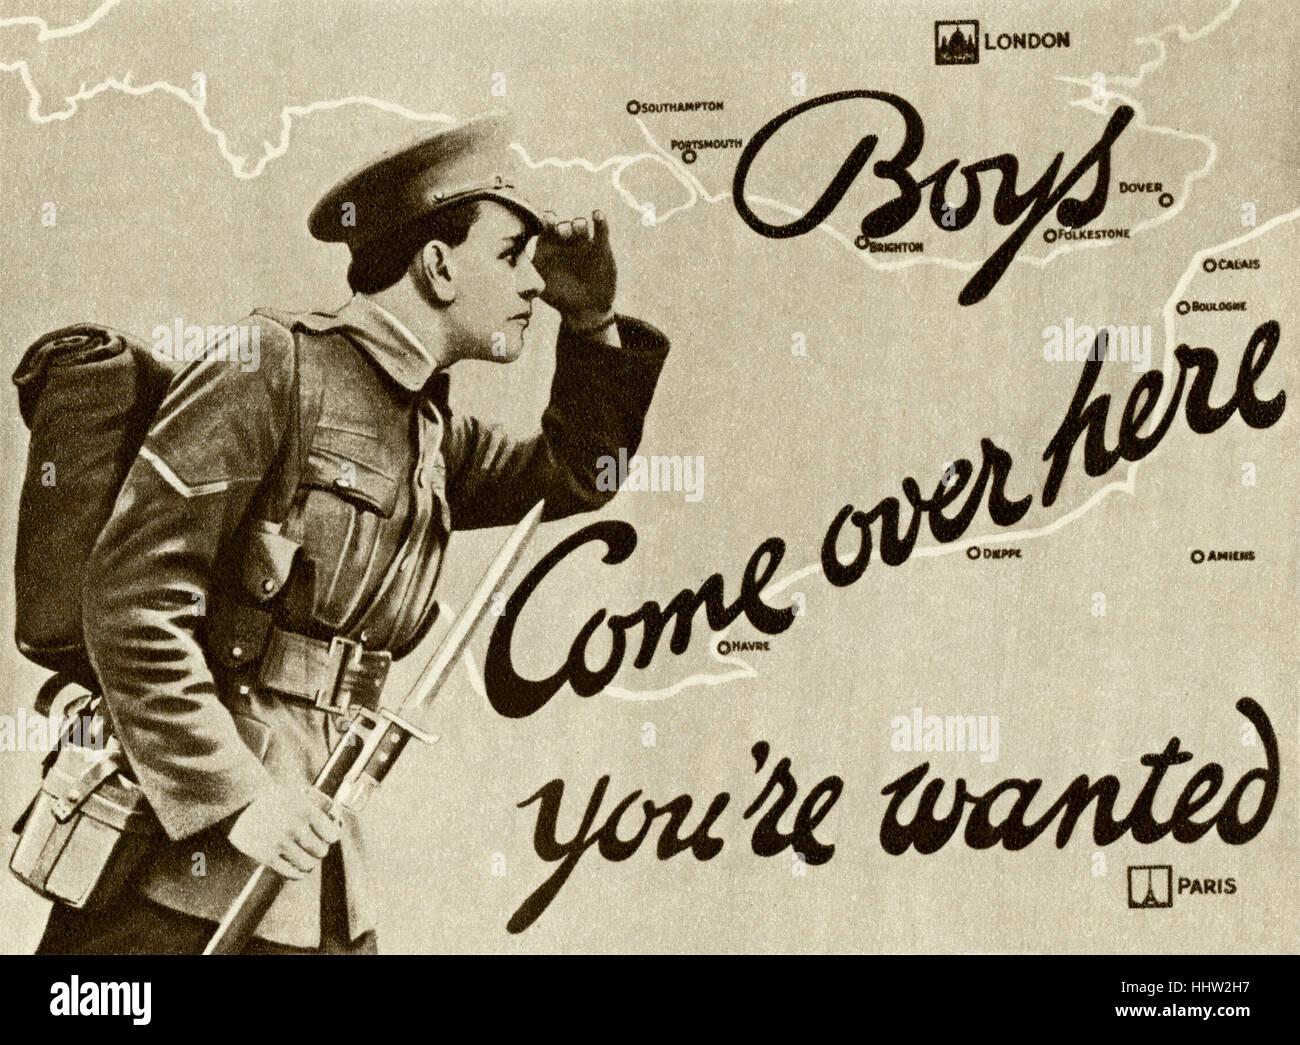 Army Recruitment Stock Photos & Army Recruitment Stock